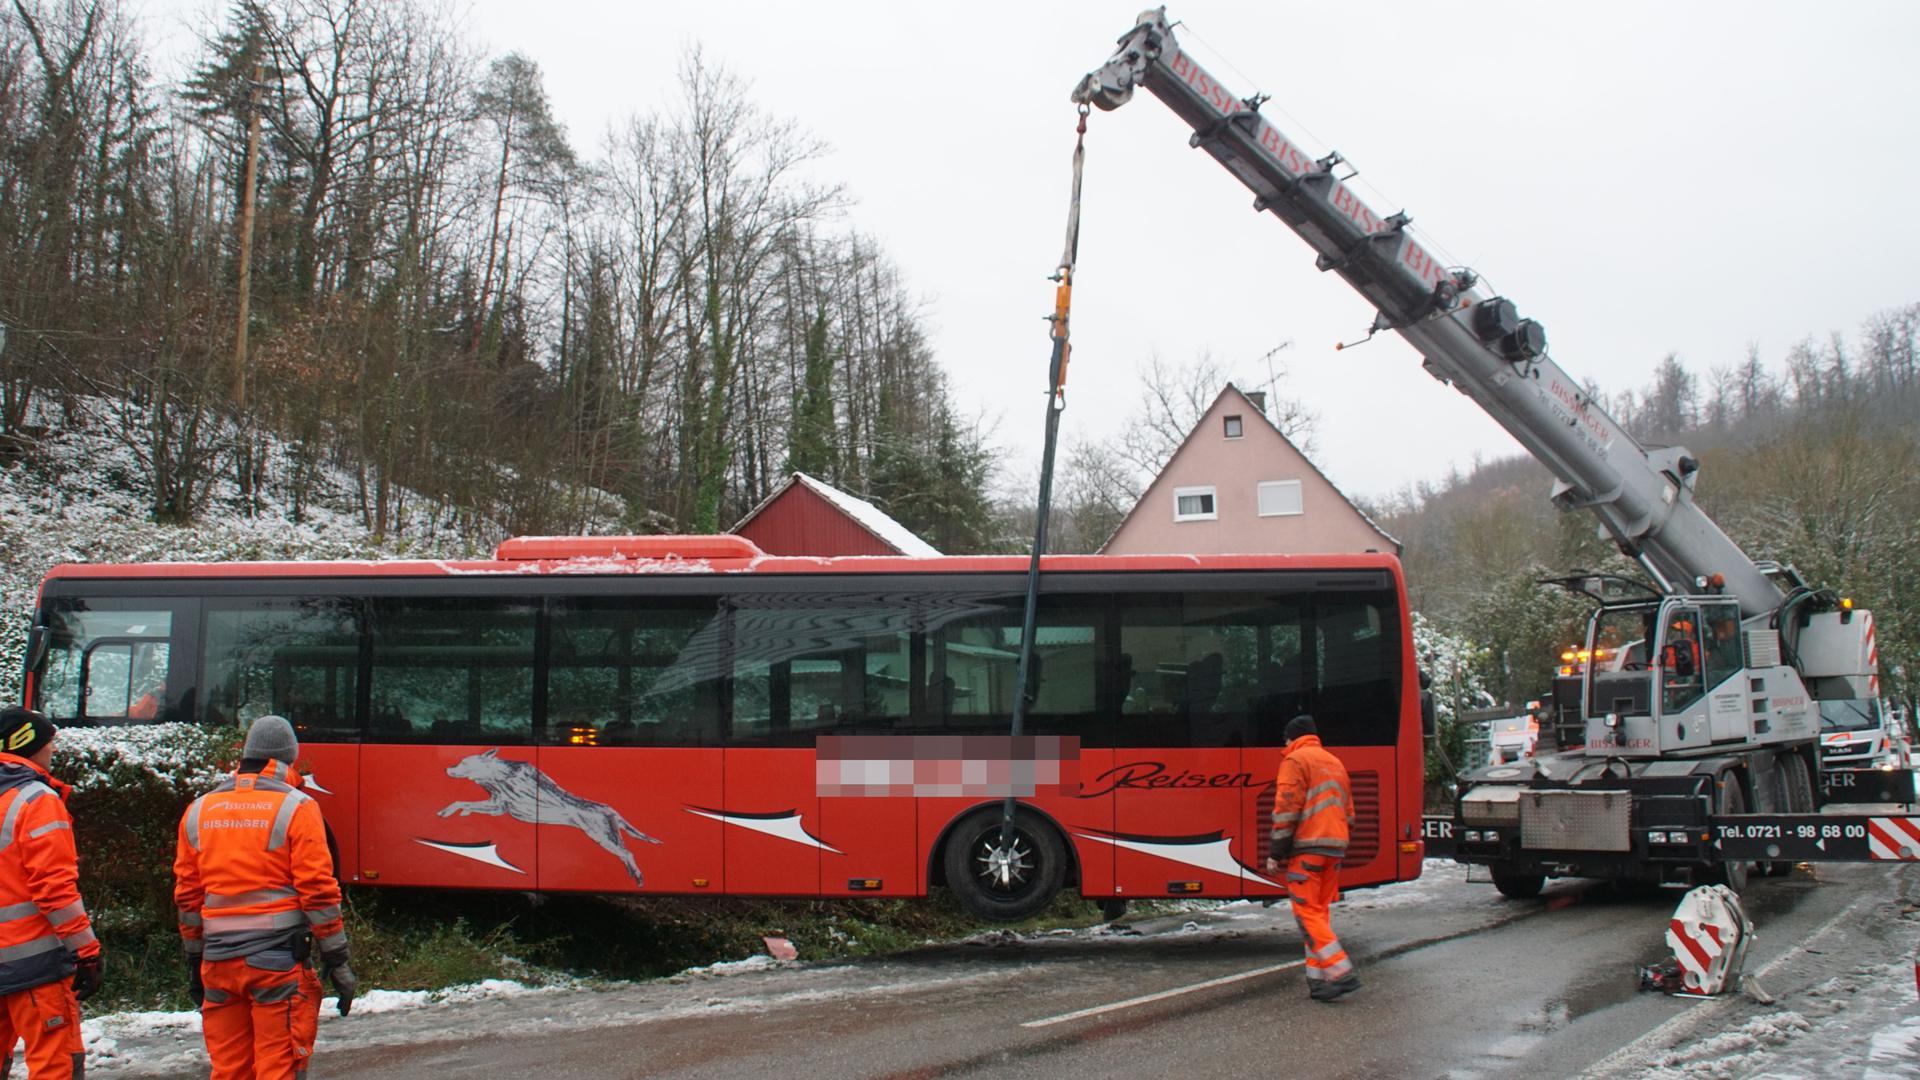 Ab durch die Hecke: Ein Bus kam am frühen Dienstag im Enzkeis von der Straße ab und steckte dann im Graben fest. Ein Kran hebt ihn gerade zurück auf die Straße.